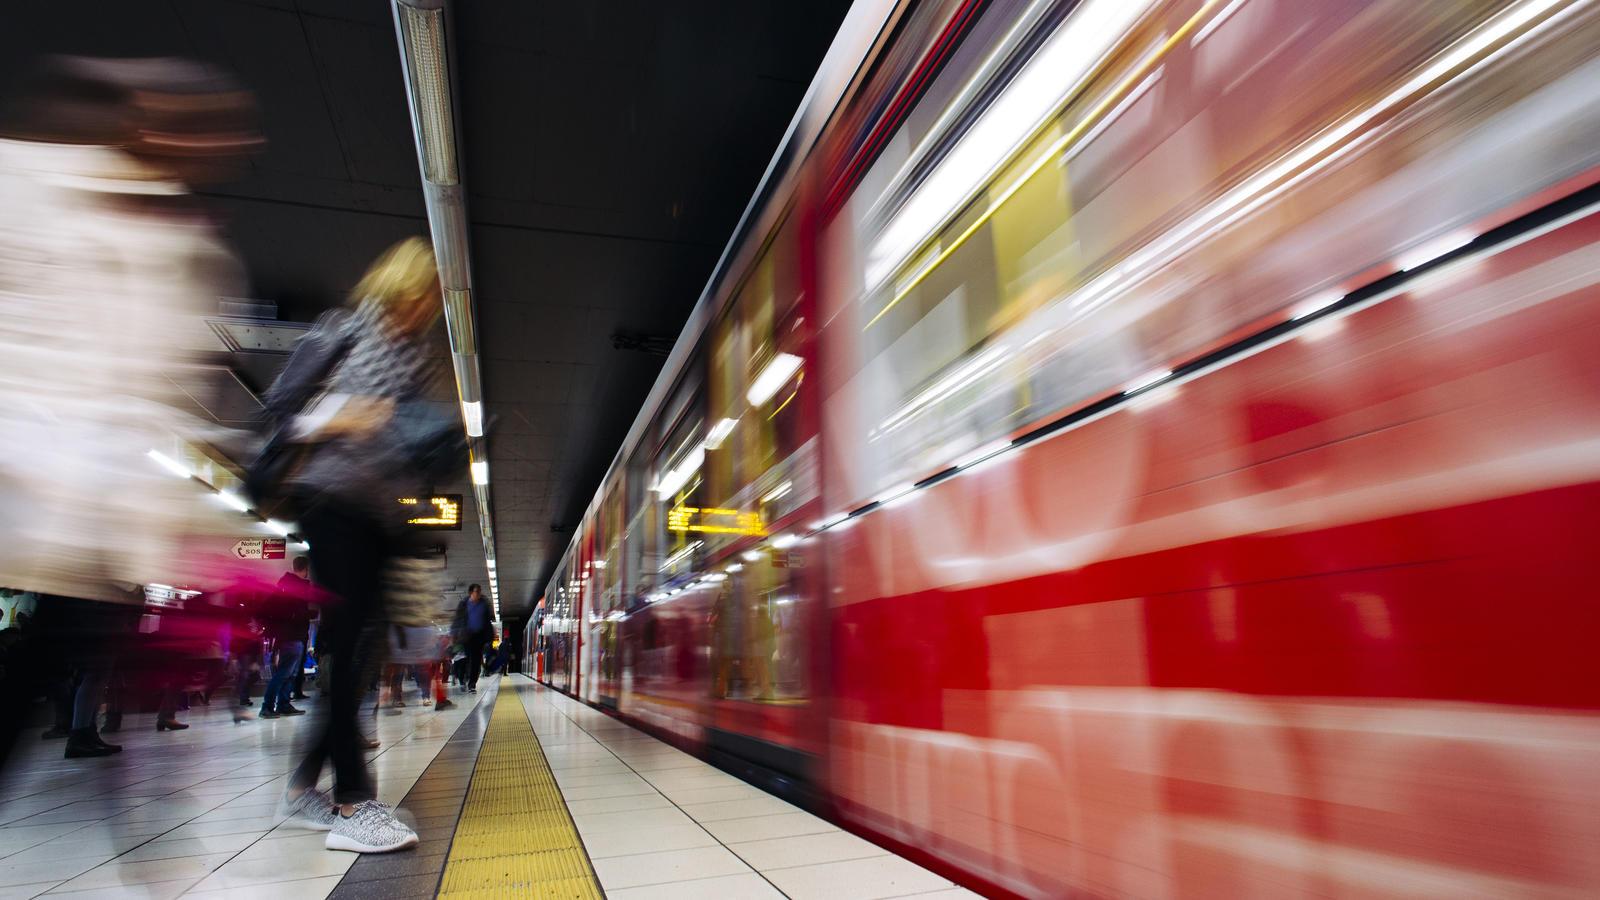 Hepatitis-Alarm nach Todesfall: Polizei sucht Ersthelferin aus Regionalzug